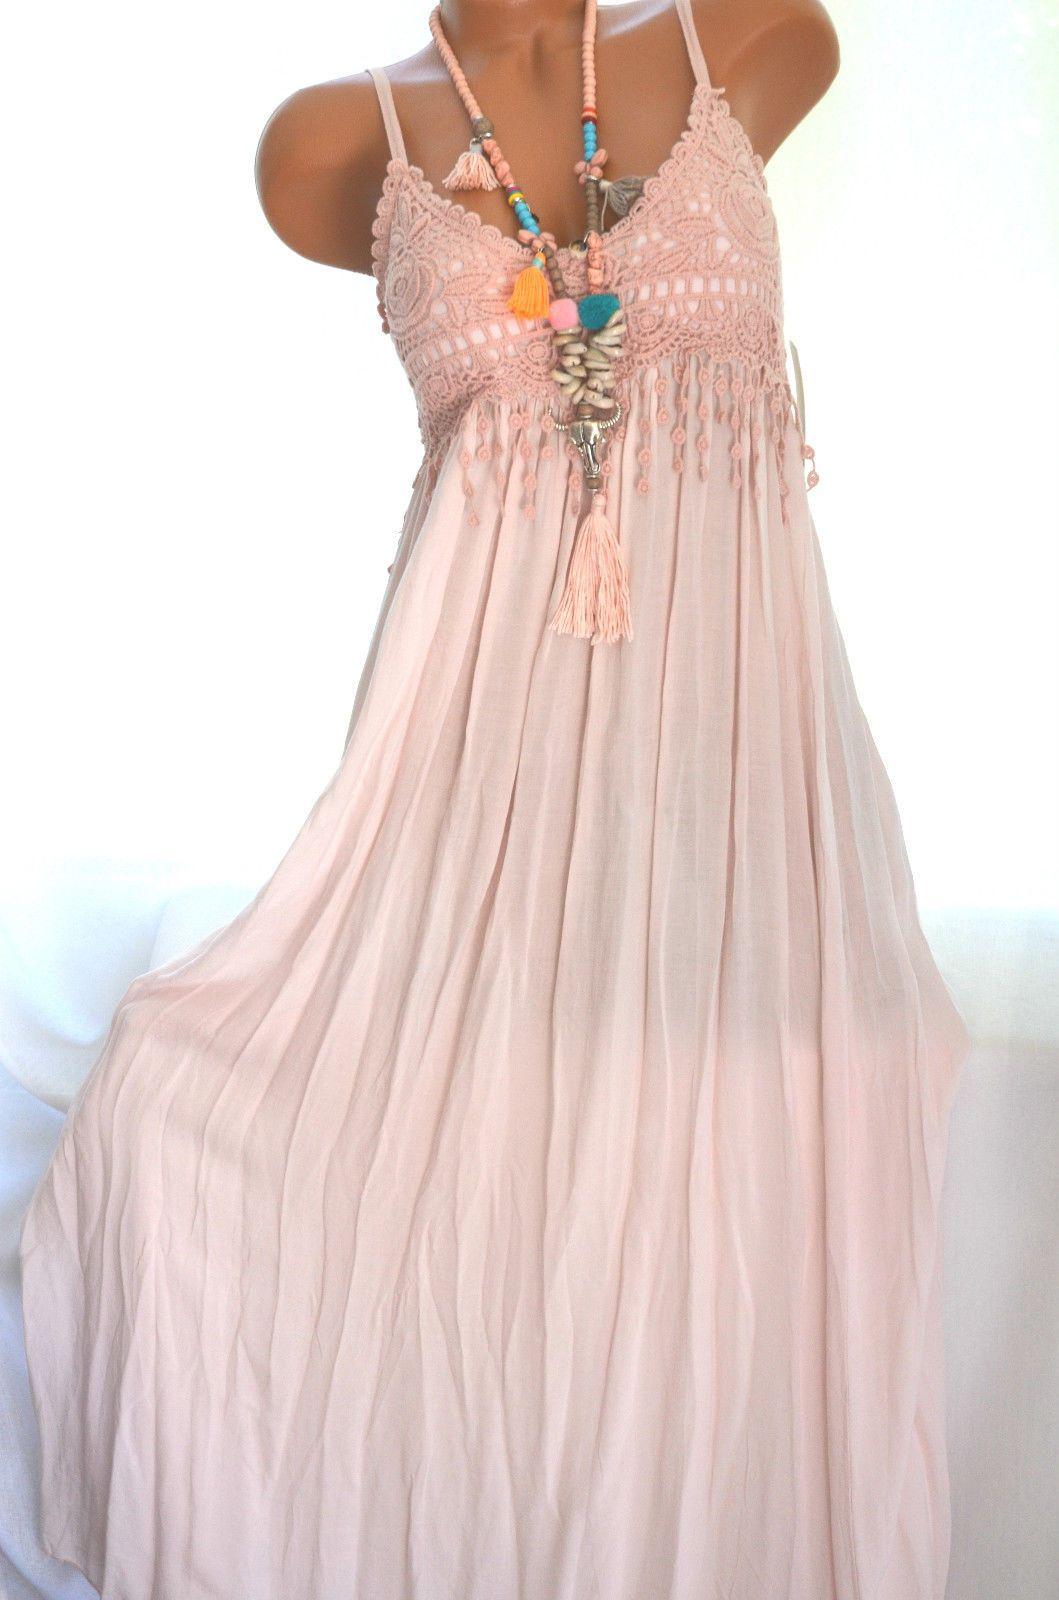 ITALY Sommer Kleid IBIZA Hippie Strandkleid mit Spitze Weiß 18 18